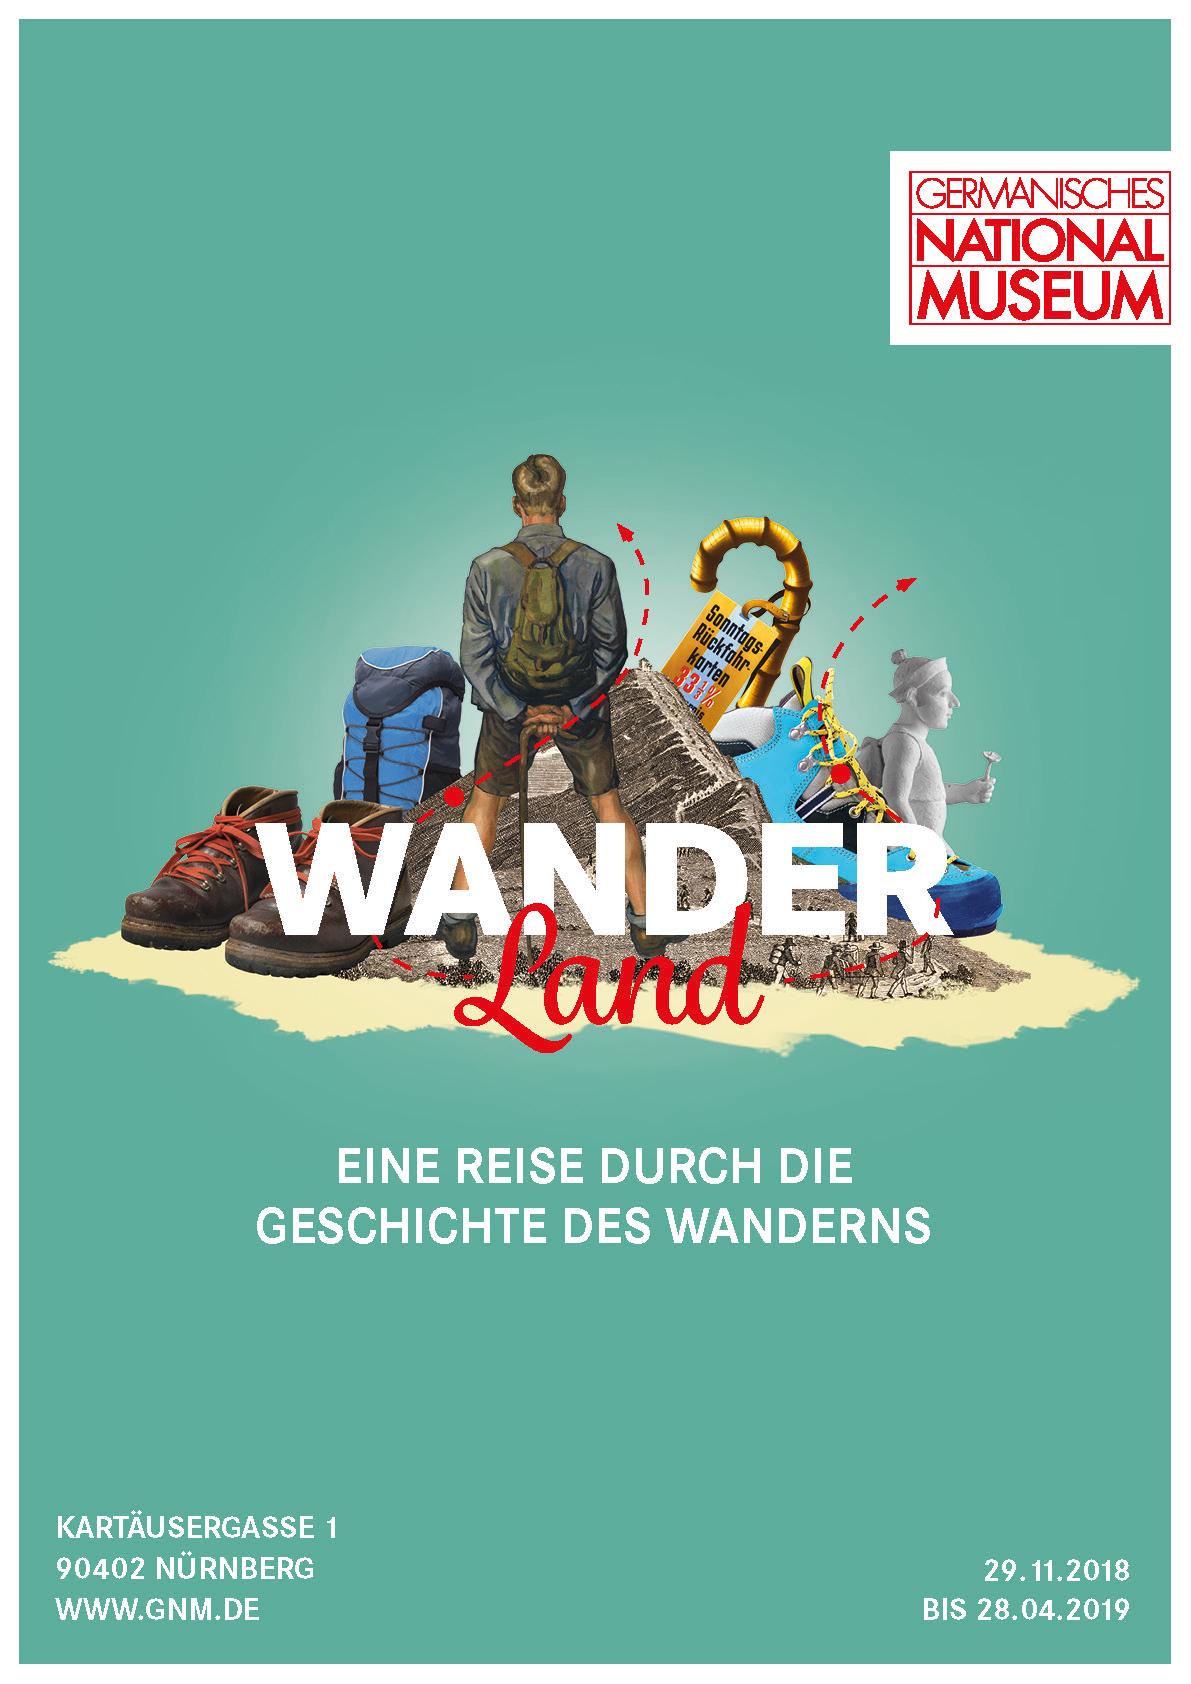 Plakatmotiv zur Ausstellung im Germanischen Nationalmuseum © Germanisches Nationalmuseum, Nürnberg